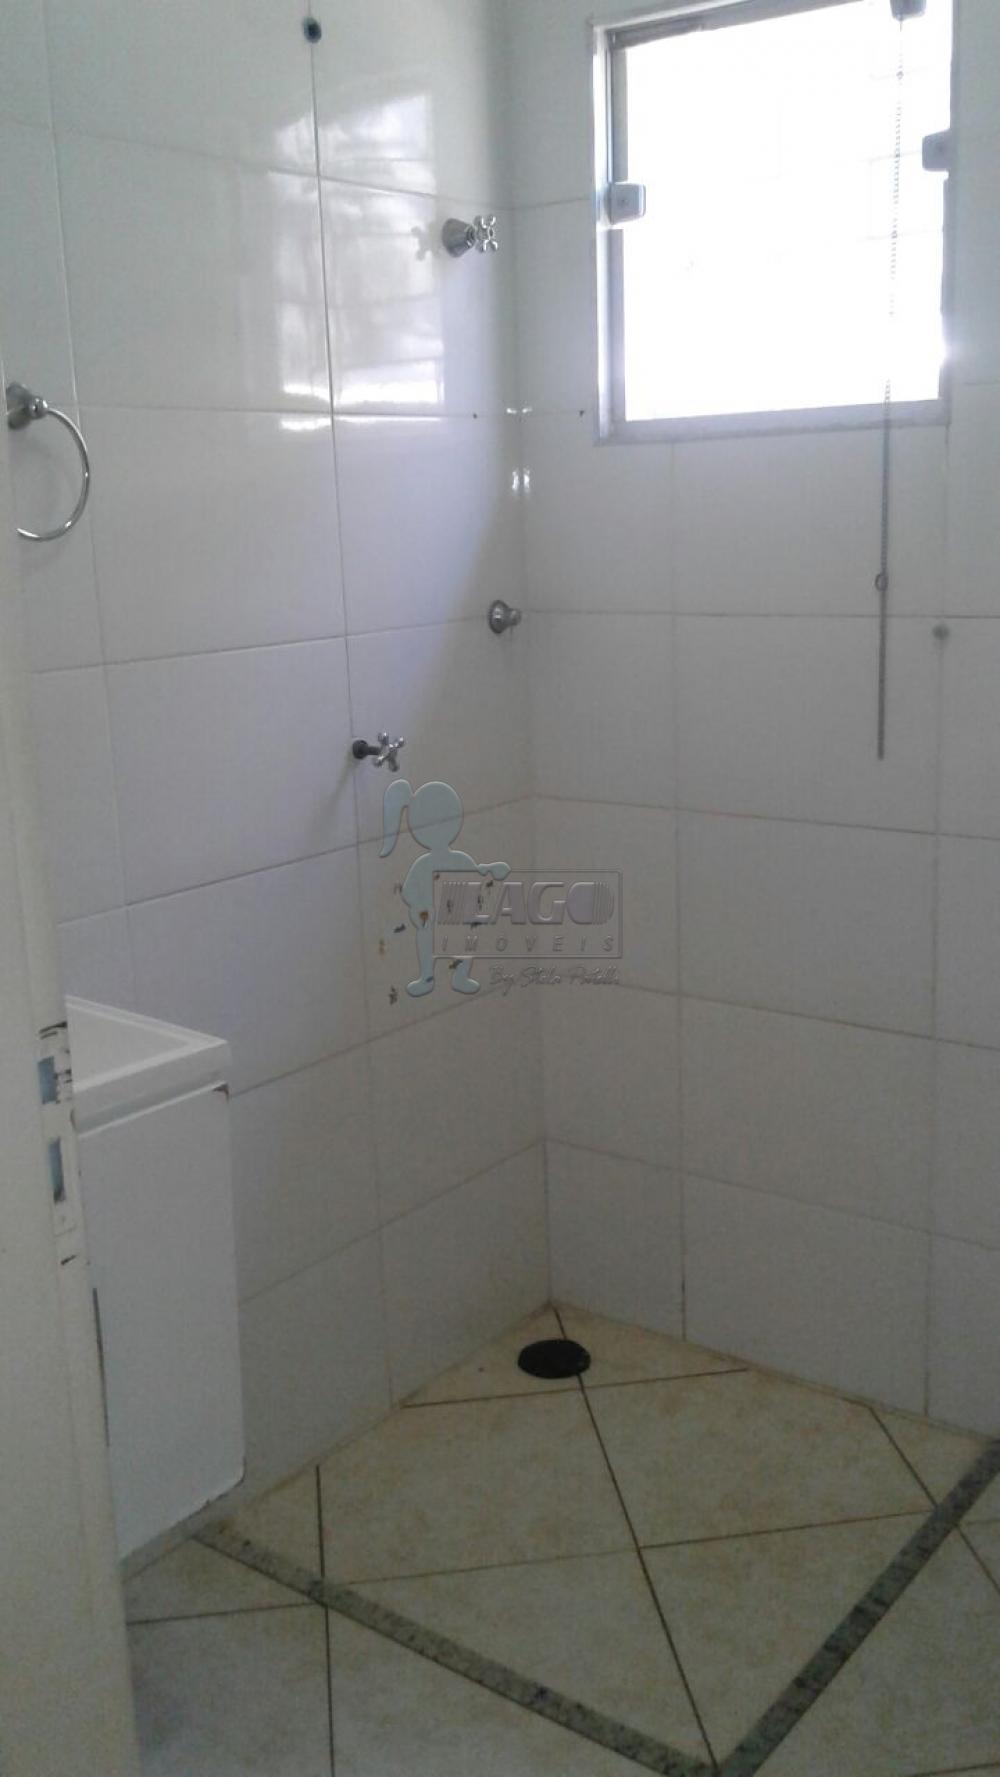 Alugar Casas / Padrão em Ribeirão Preto apenas R$ 800,00 - Foto 20